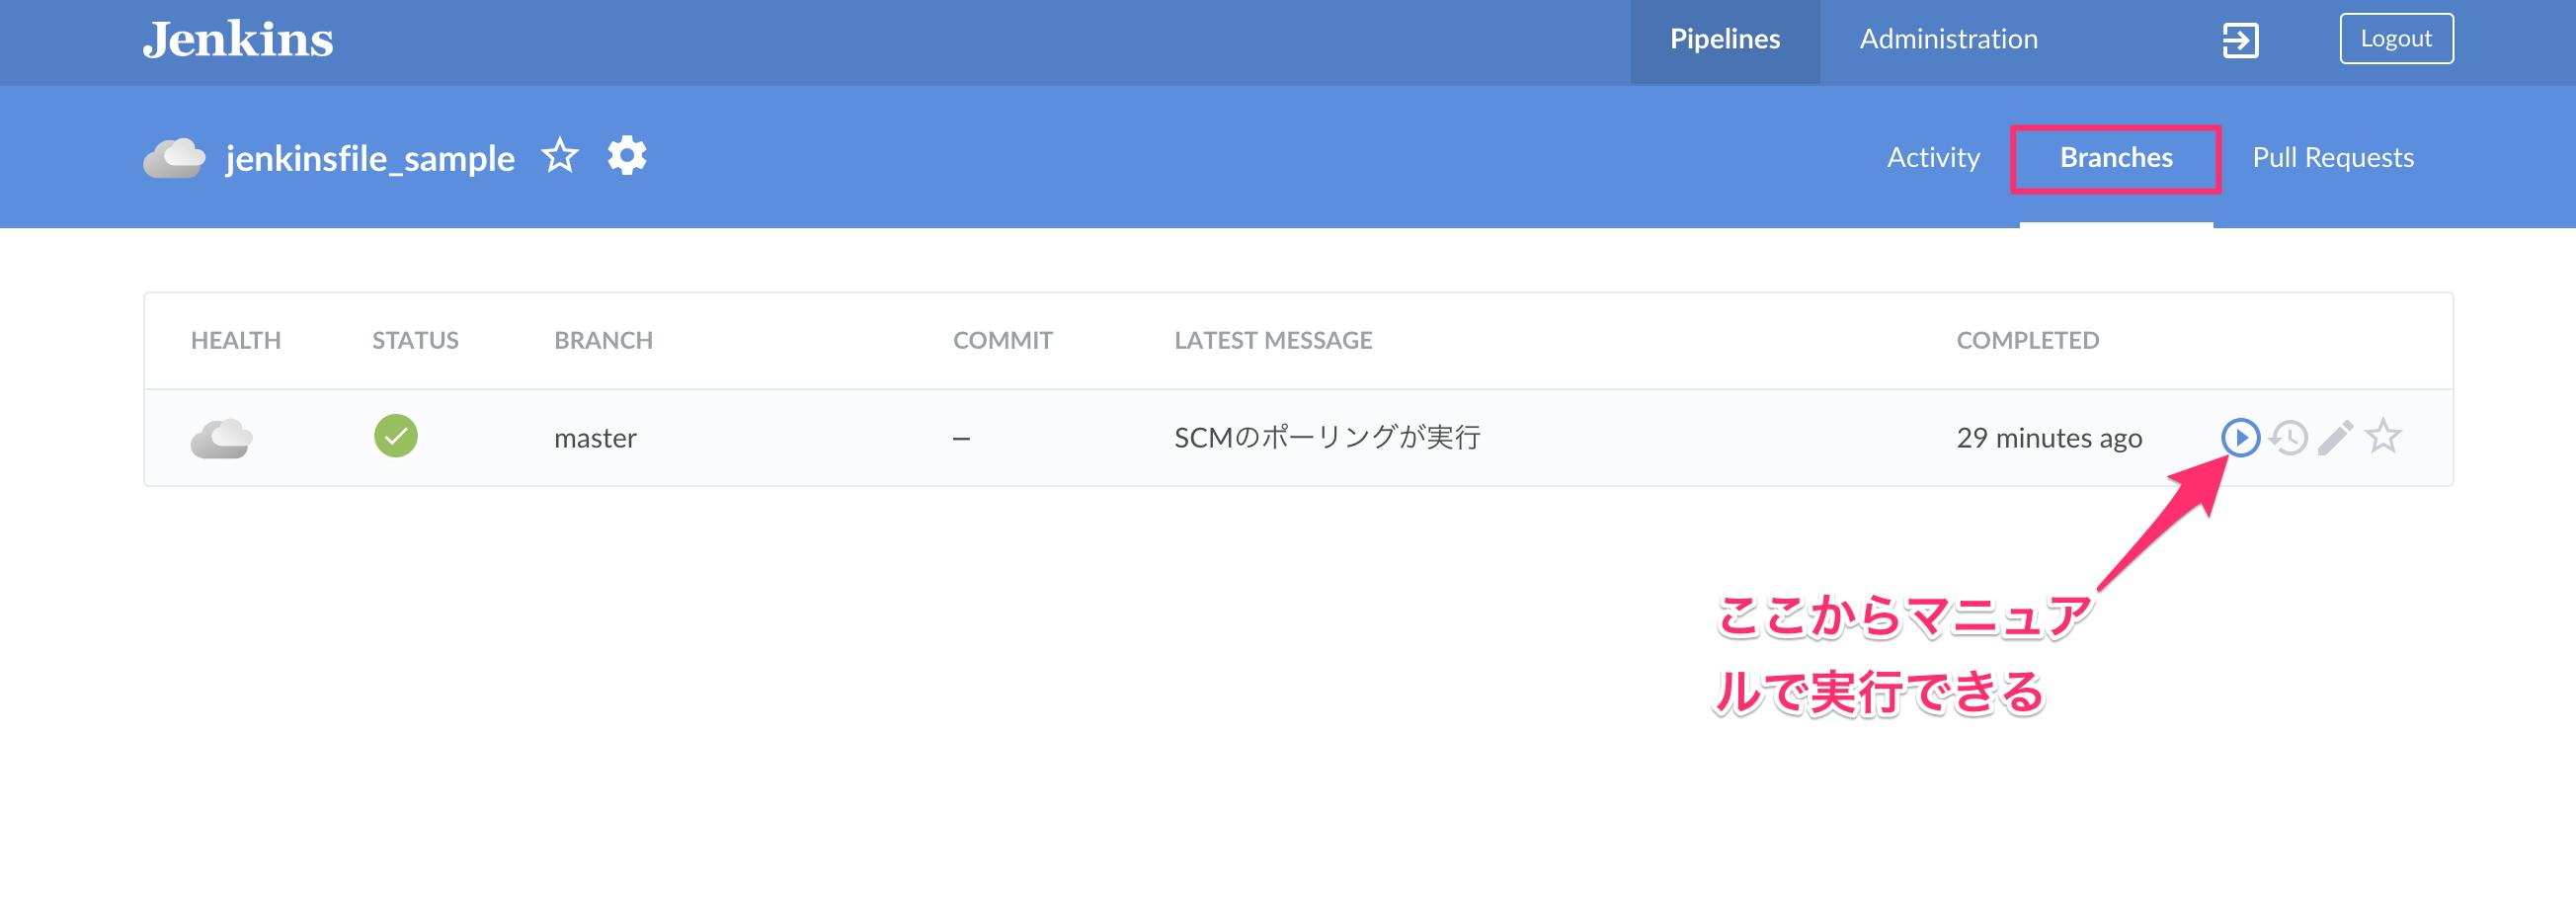 全画面_2018_10_13_15_29.png